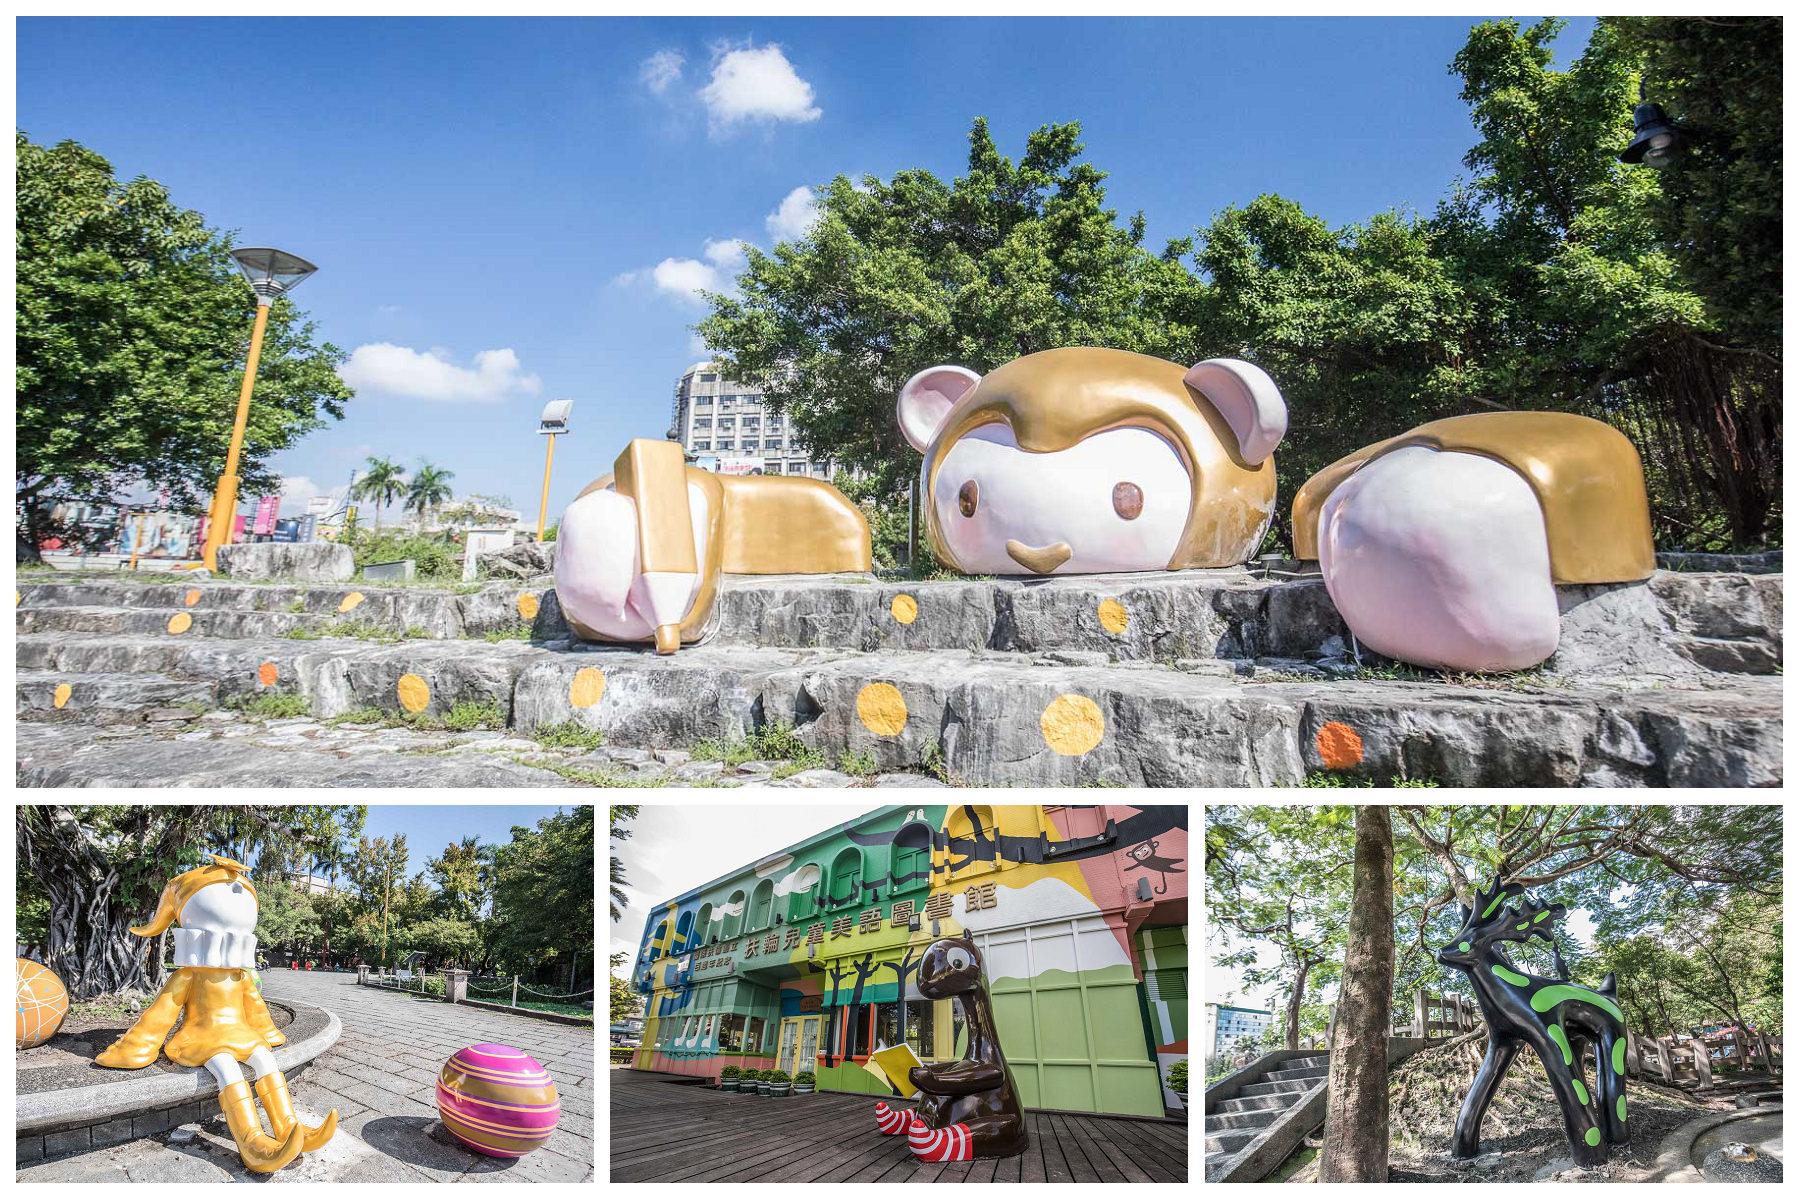 [宜蘭羅東]宜蘭羅東最新景點,中山公園新面貌,青鑼青年創意基地!宜蘭羅東中山公園